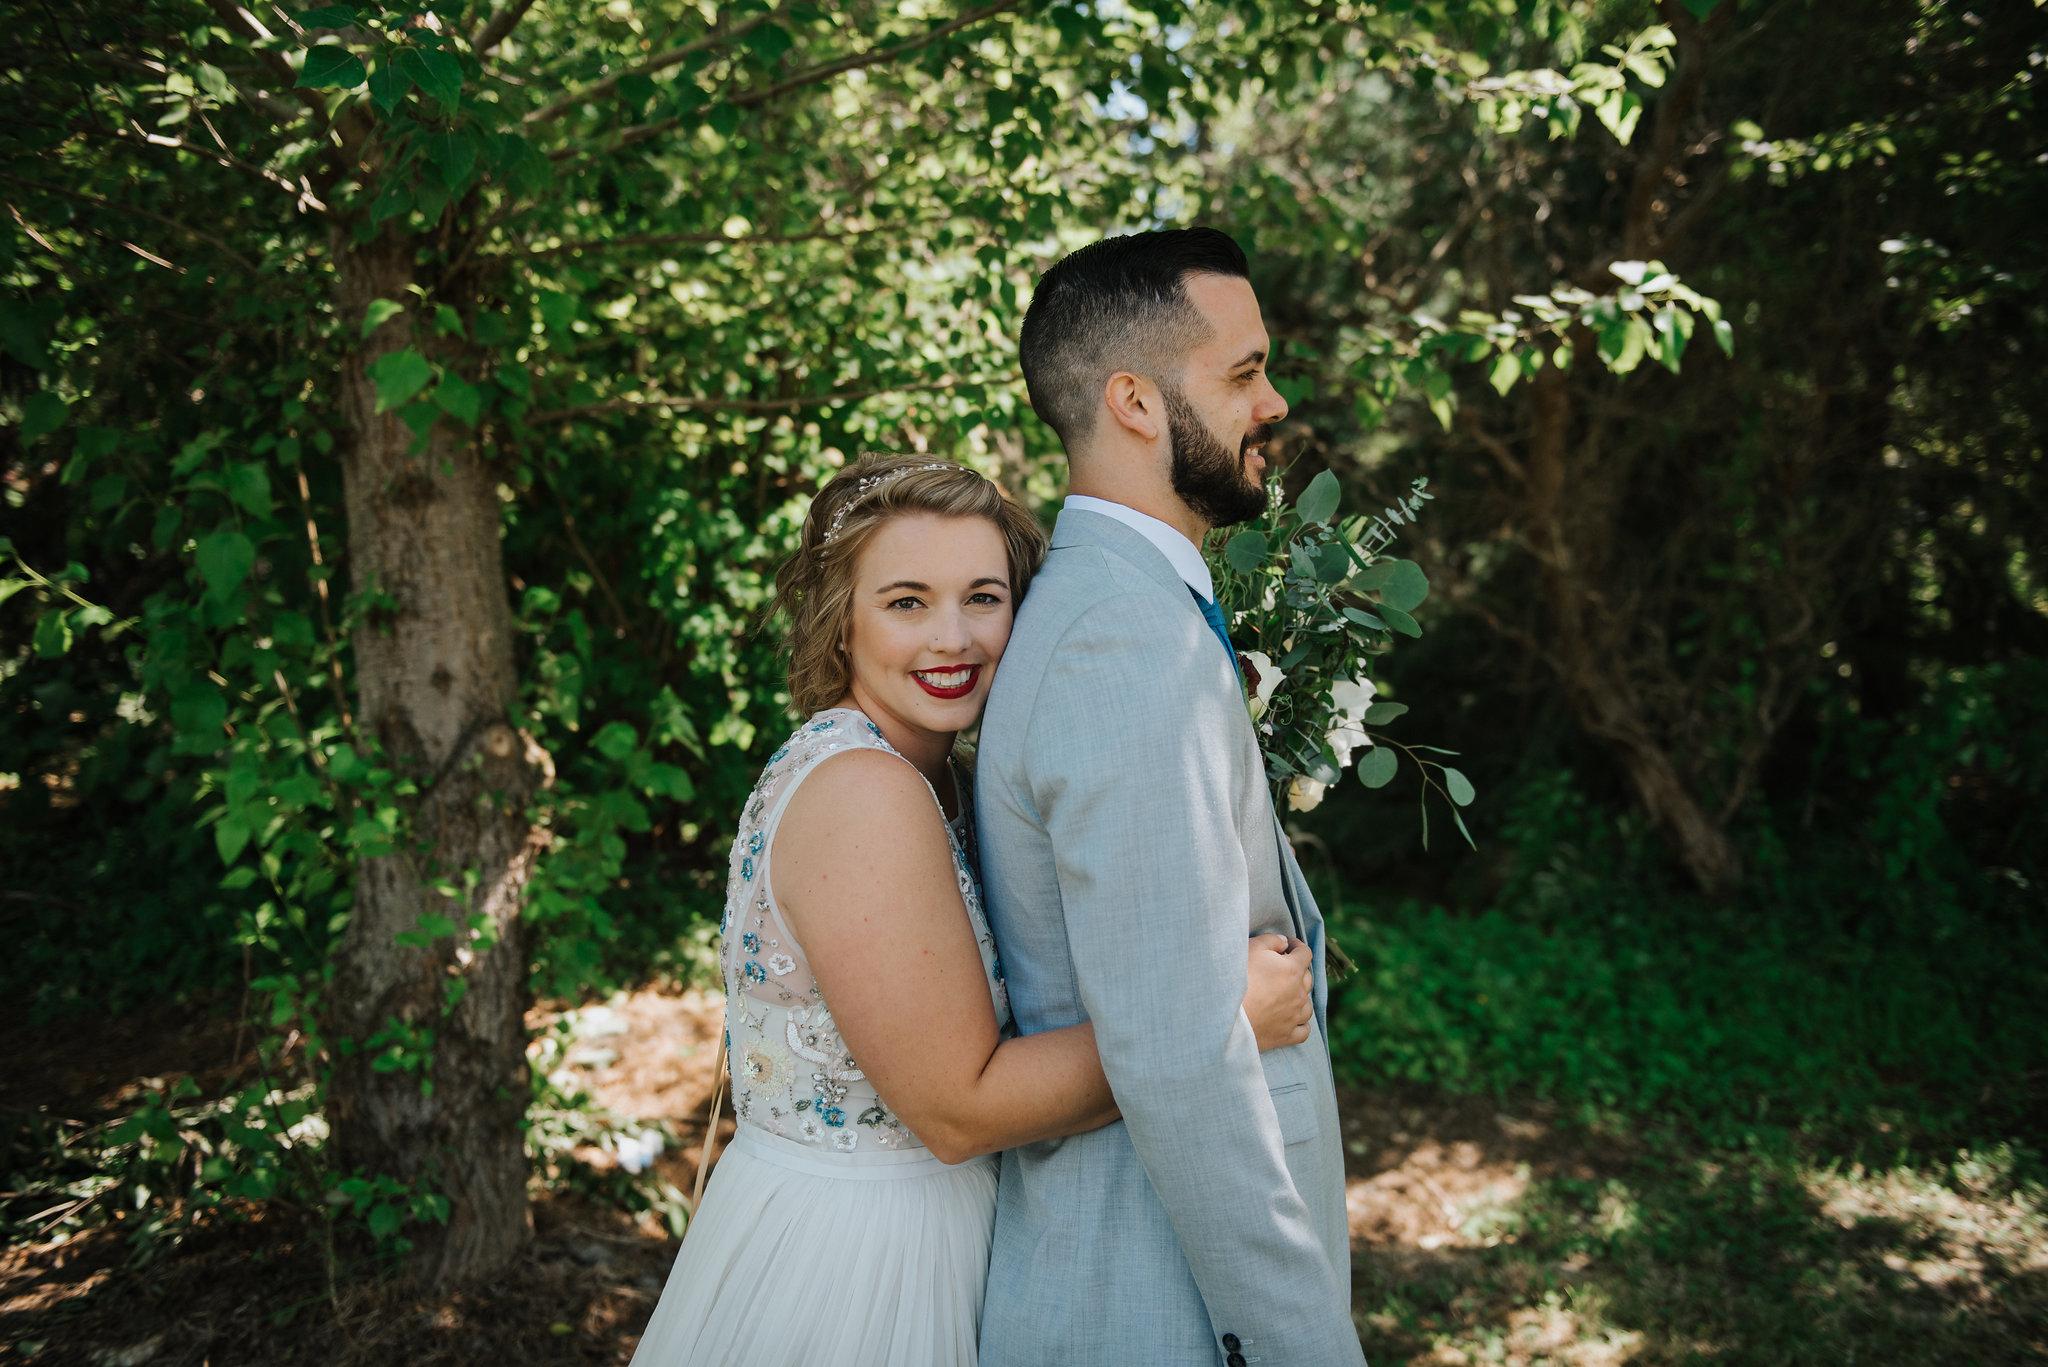 Woodland-Meadow-Farm-Wedding (10).jpg